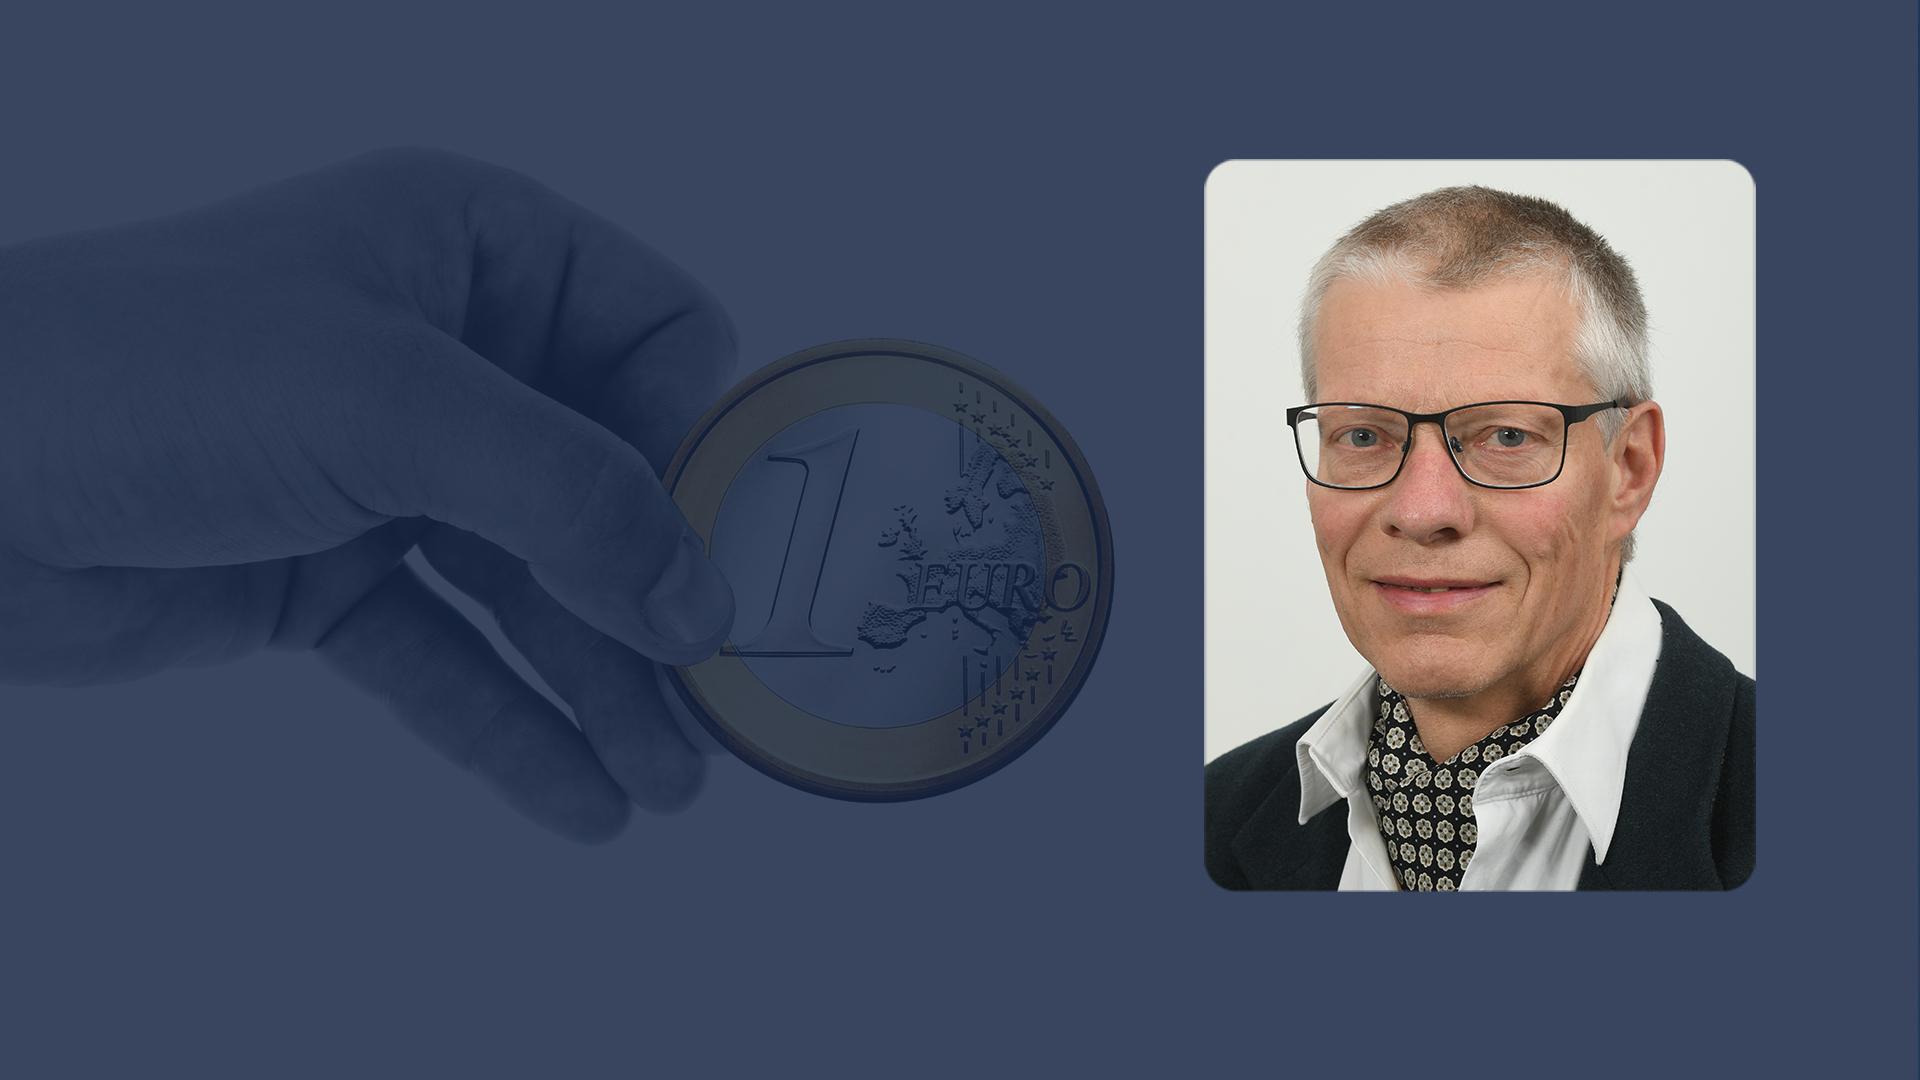 Der Euro als Gemeinschafts- statt als Einheitswährung